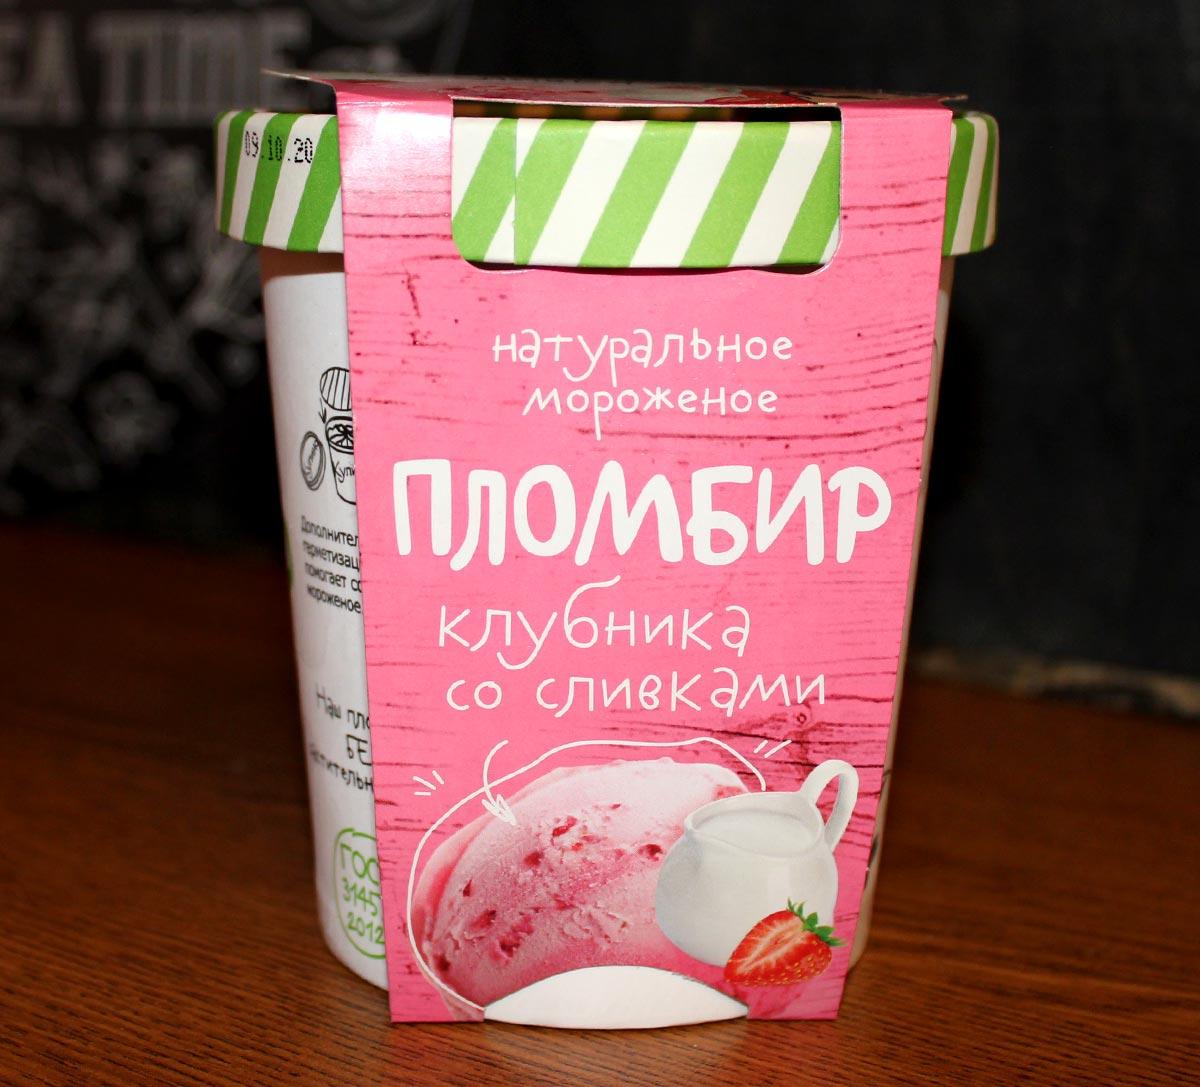 Мороженое Купино. Реально вкусное!